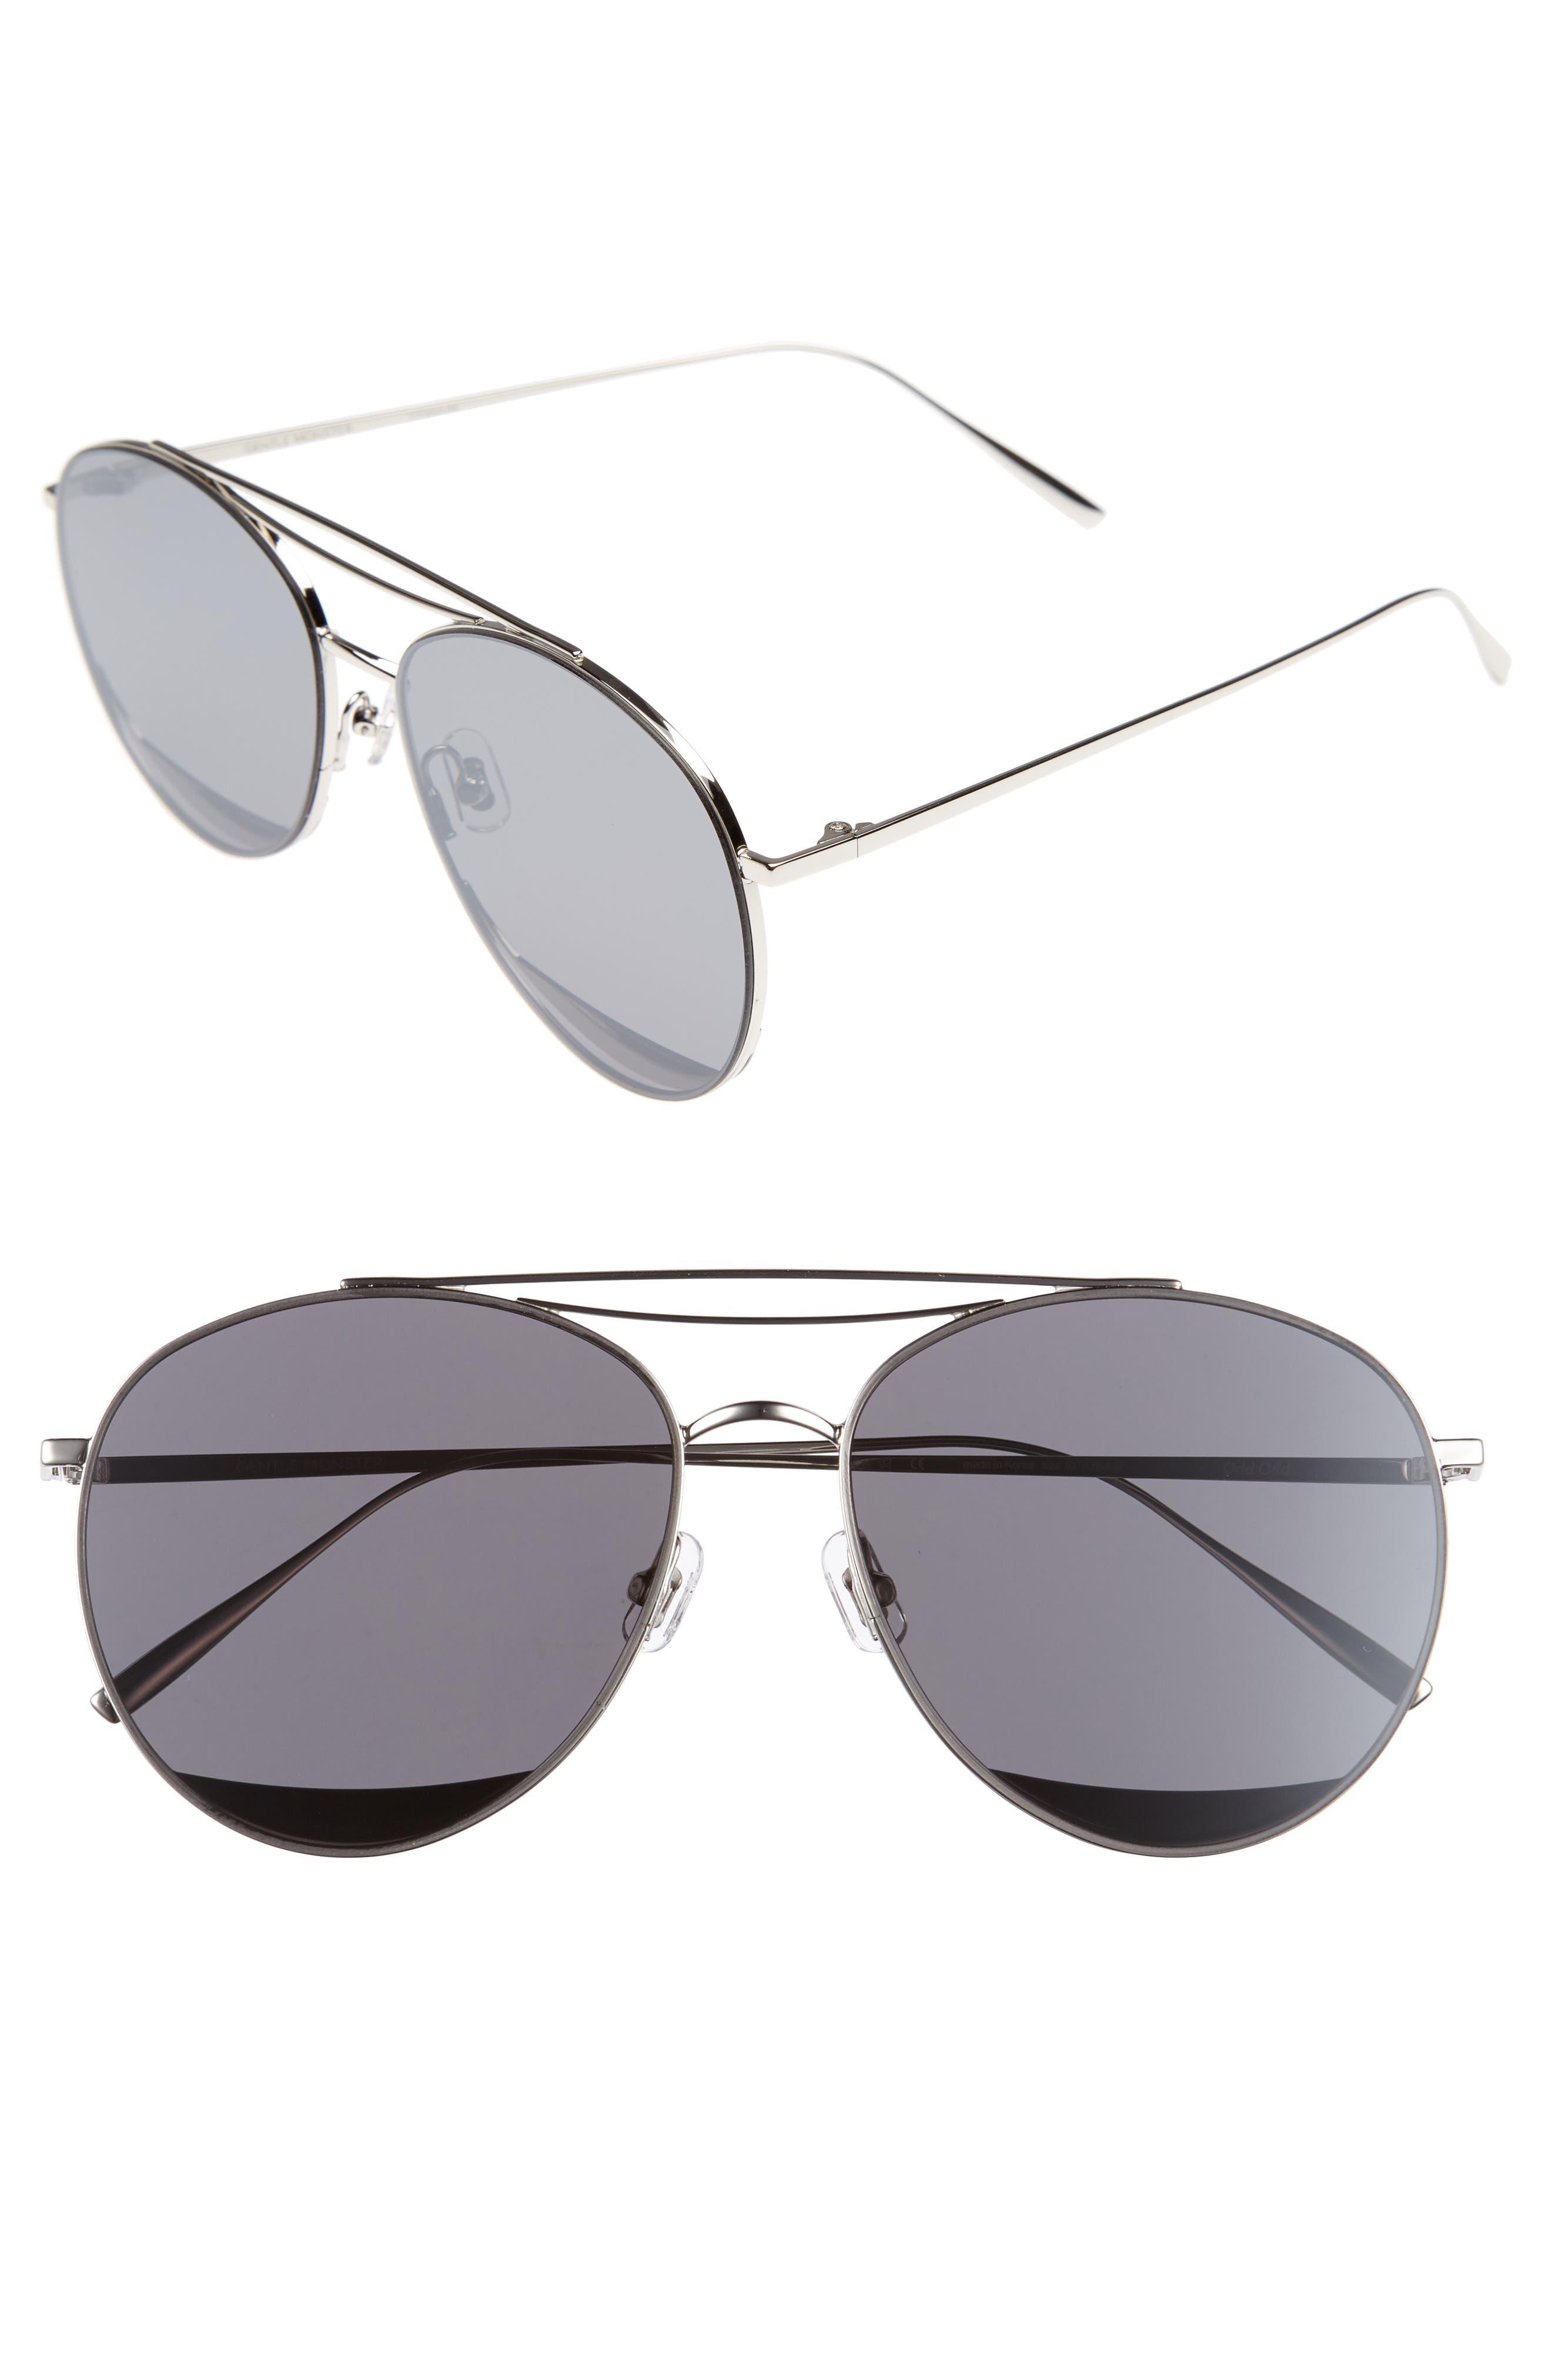 Alternate Image 1 Selected - Gentle Monster Odd Odd 61mm Aviator Sunglasses